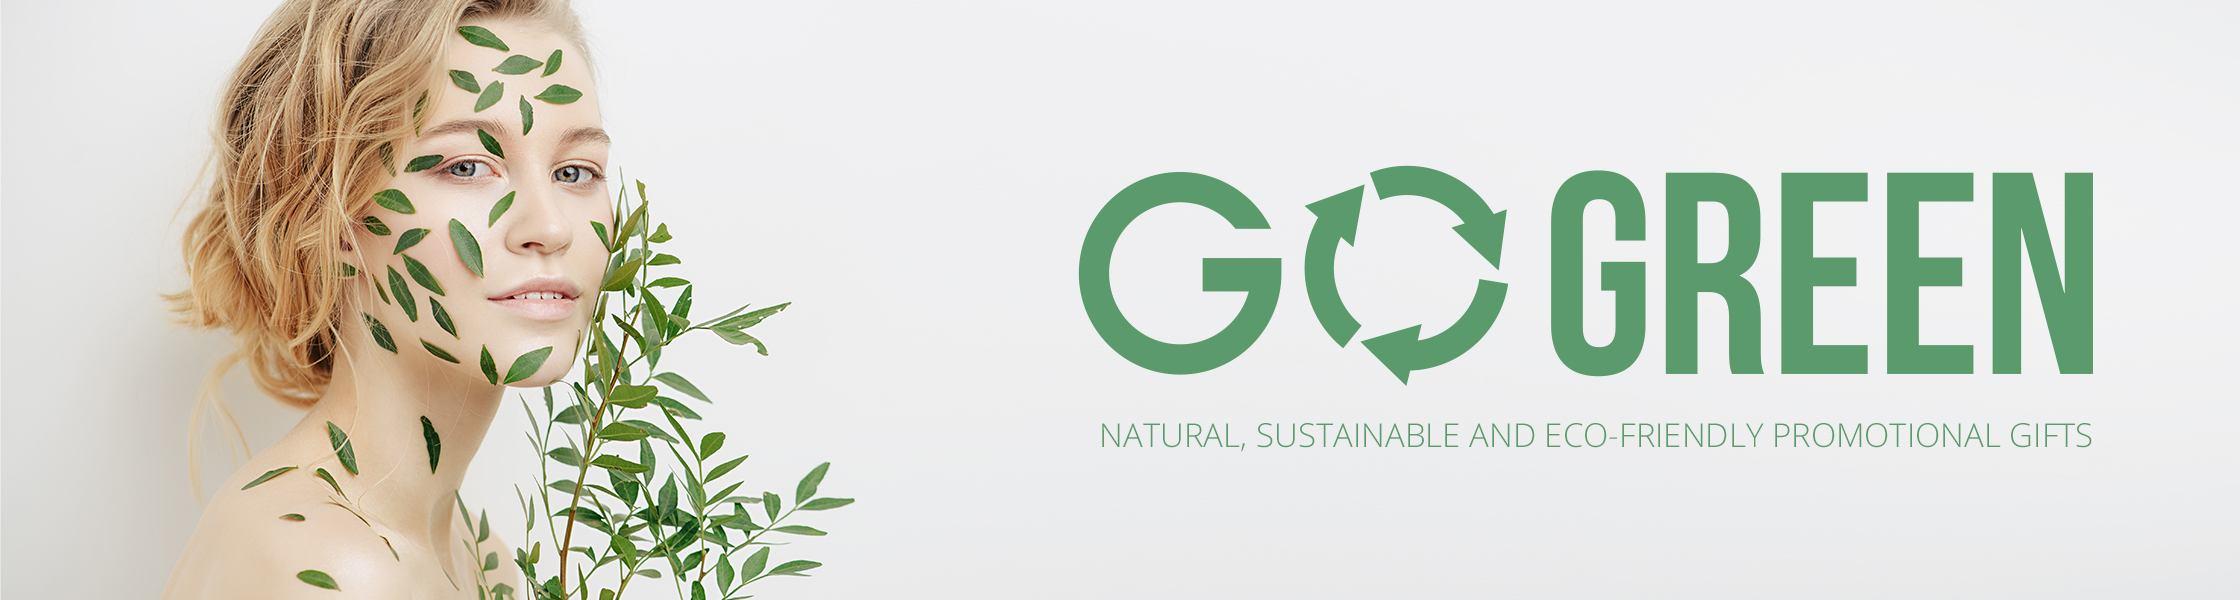 go-green-2021-bigfoot_qgtfue7j.jpg